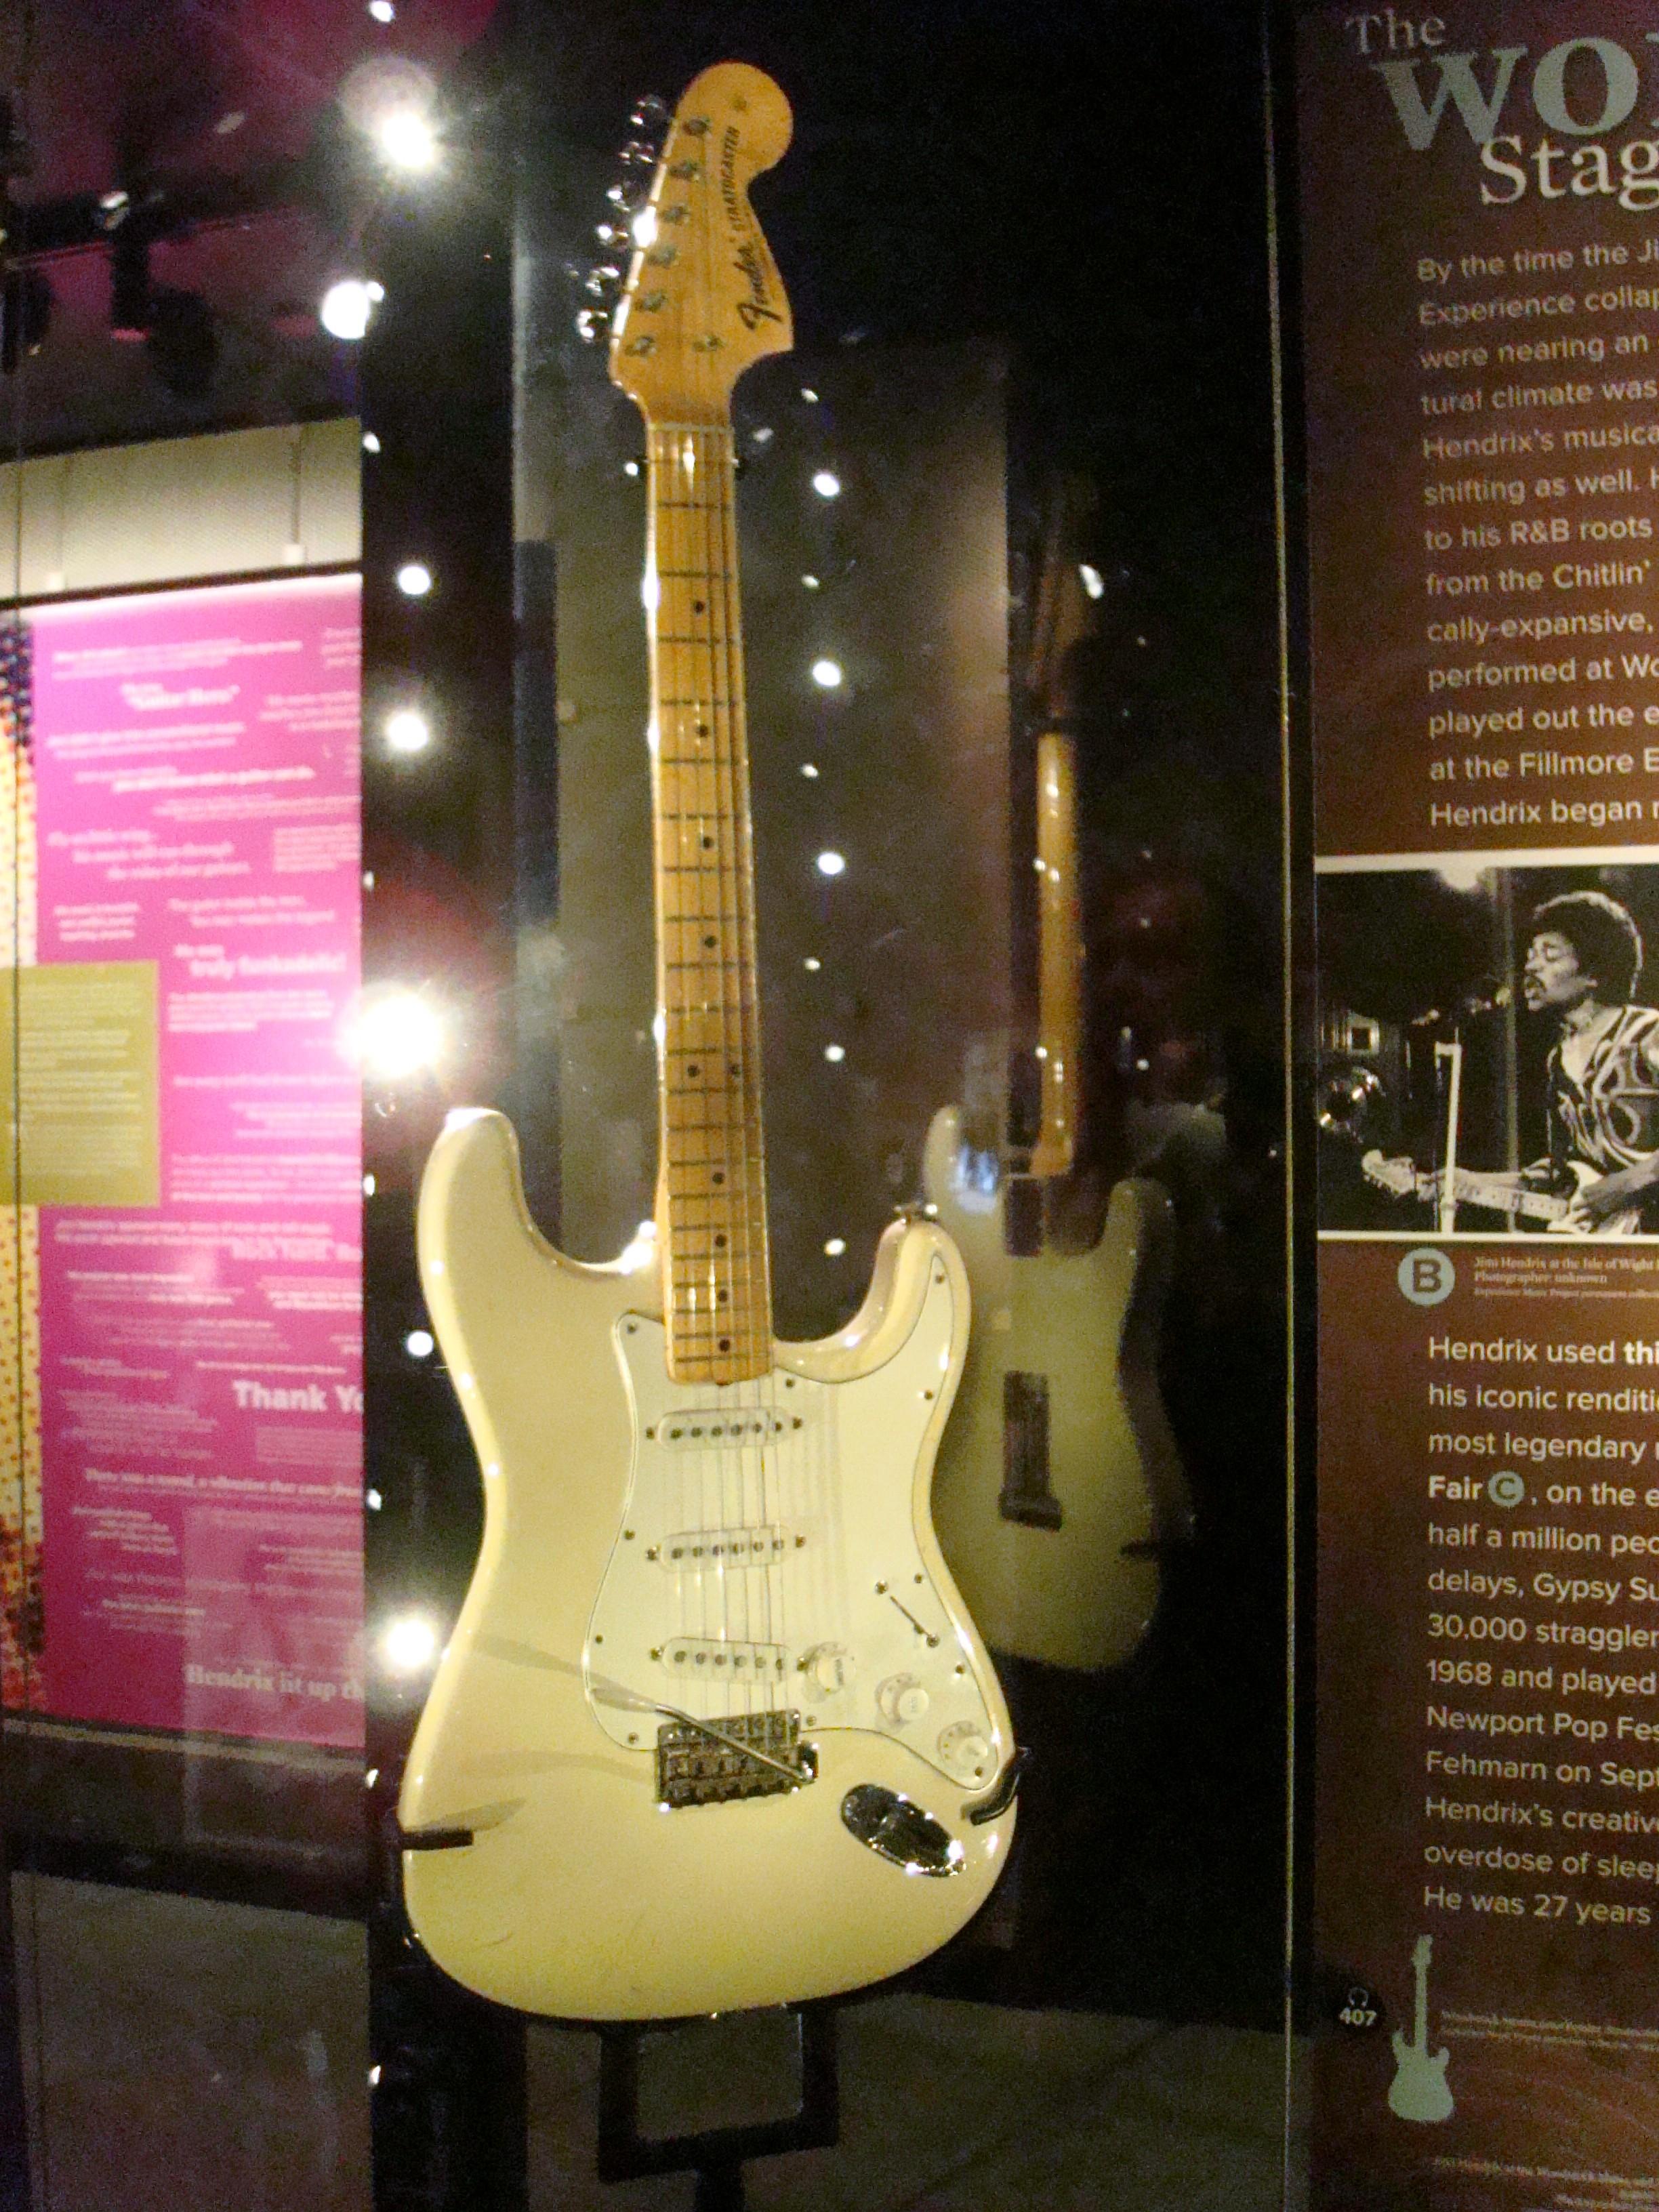 Fender Stratocaster 1961 - Page 9 Dsc060681-e1280987162458